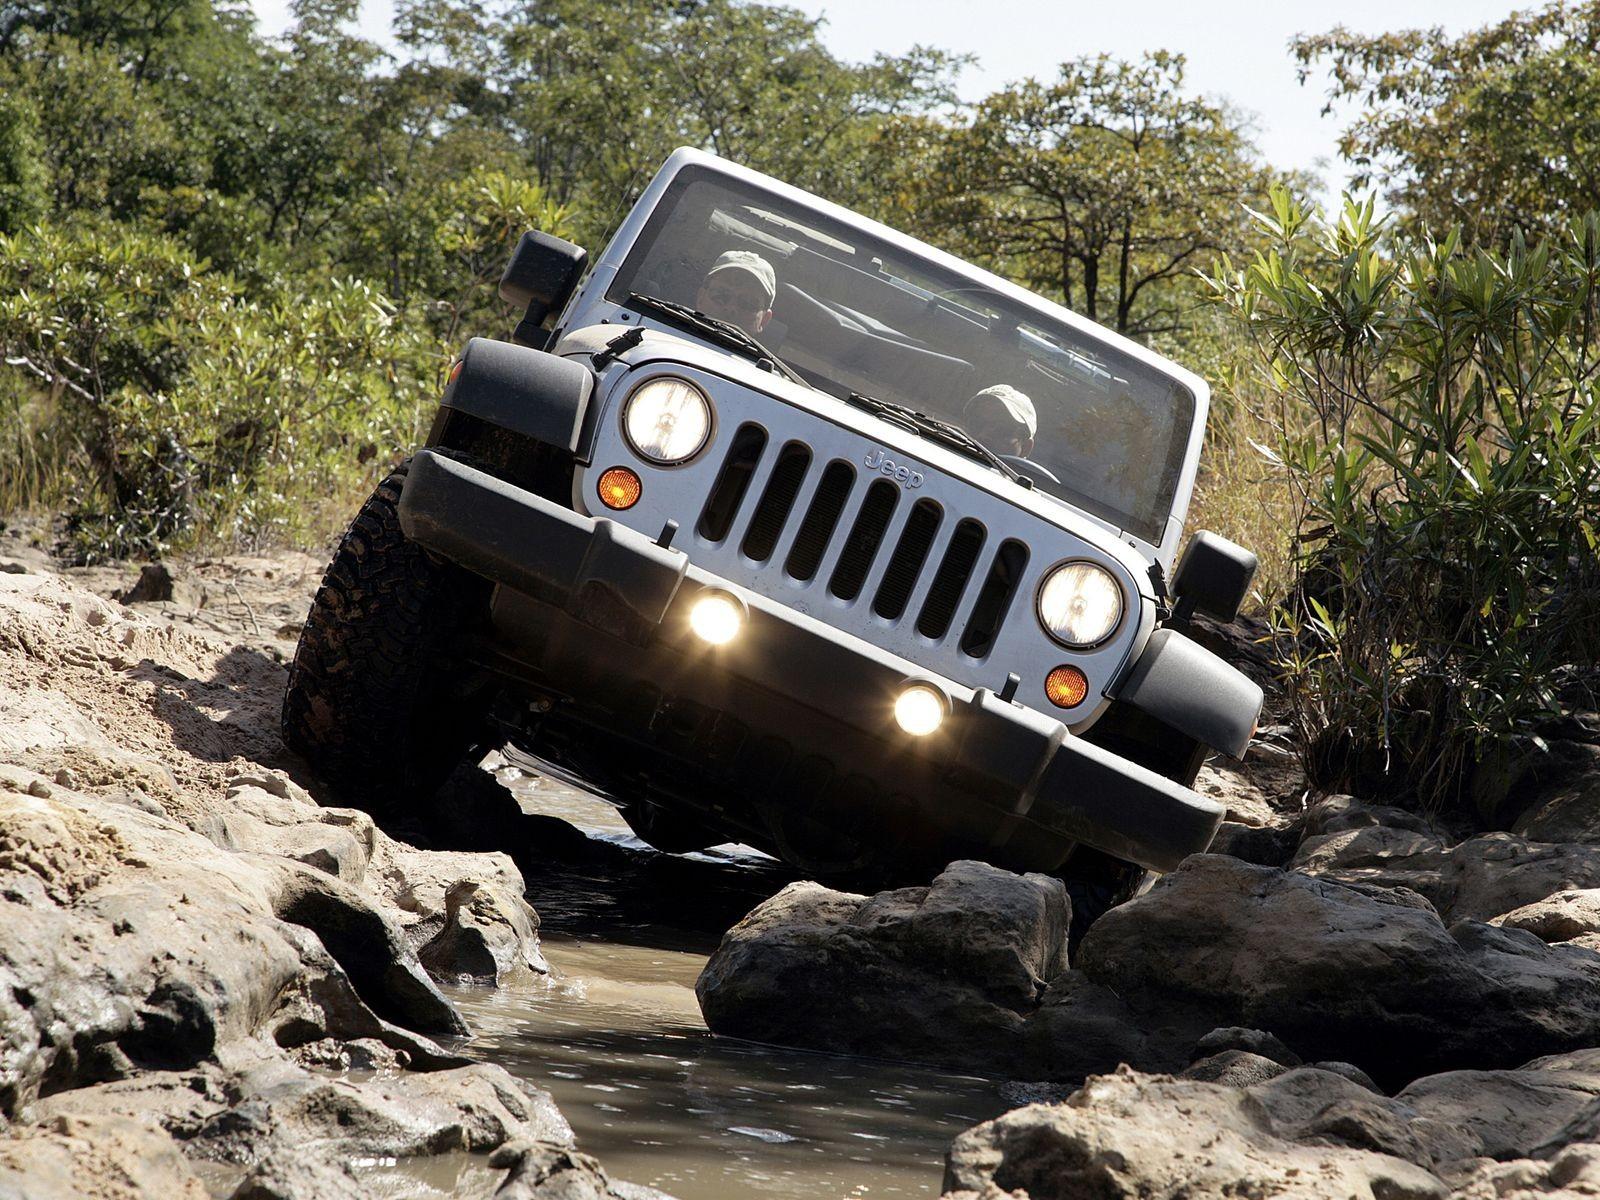 Если мальчик вырос мужчиной: стоит ли покупать Jeep Wrangler III за 2 миллиона рублей